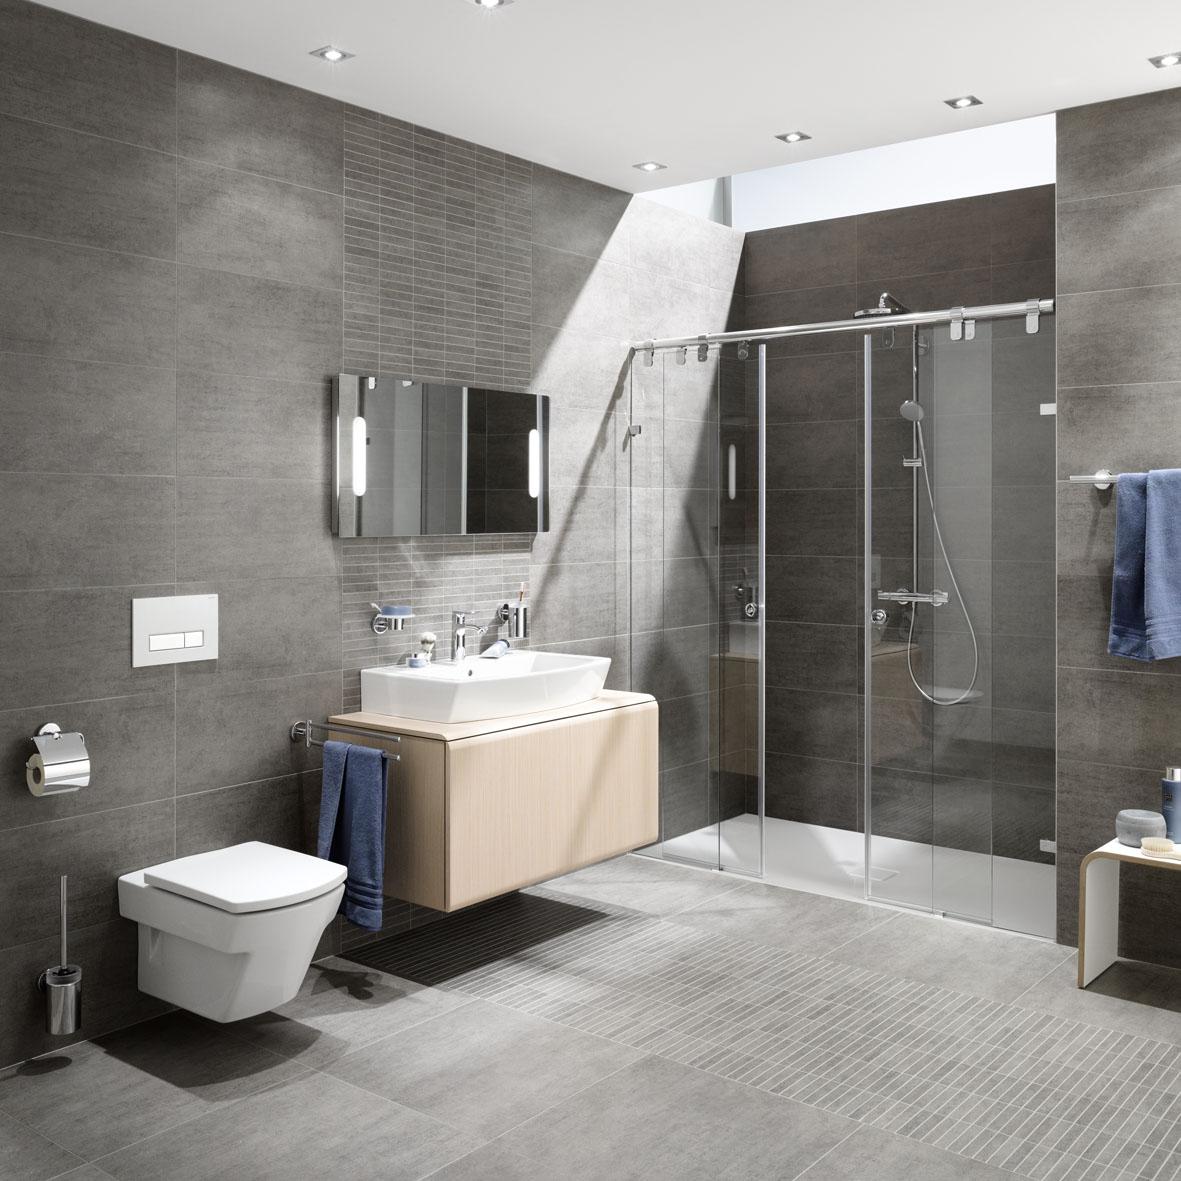 Aus Alt Mach Neu! Nach 25 Jahren Ist Es Meist Wieder Einmal Zeit, Das  Badezimmer Zu Erneuern. Ein Badumbau Steht An.